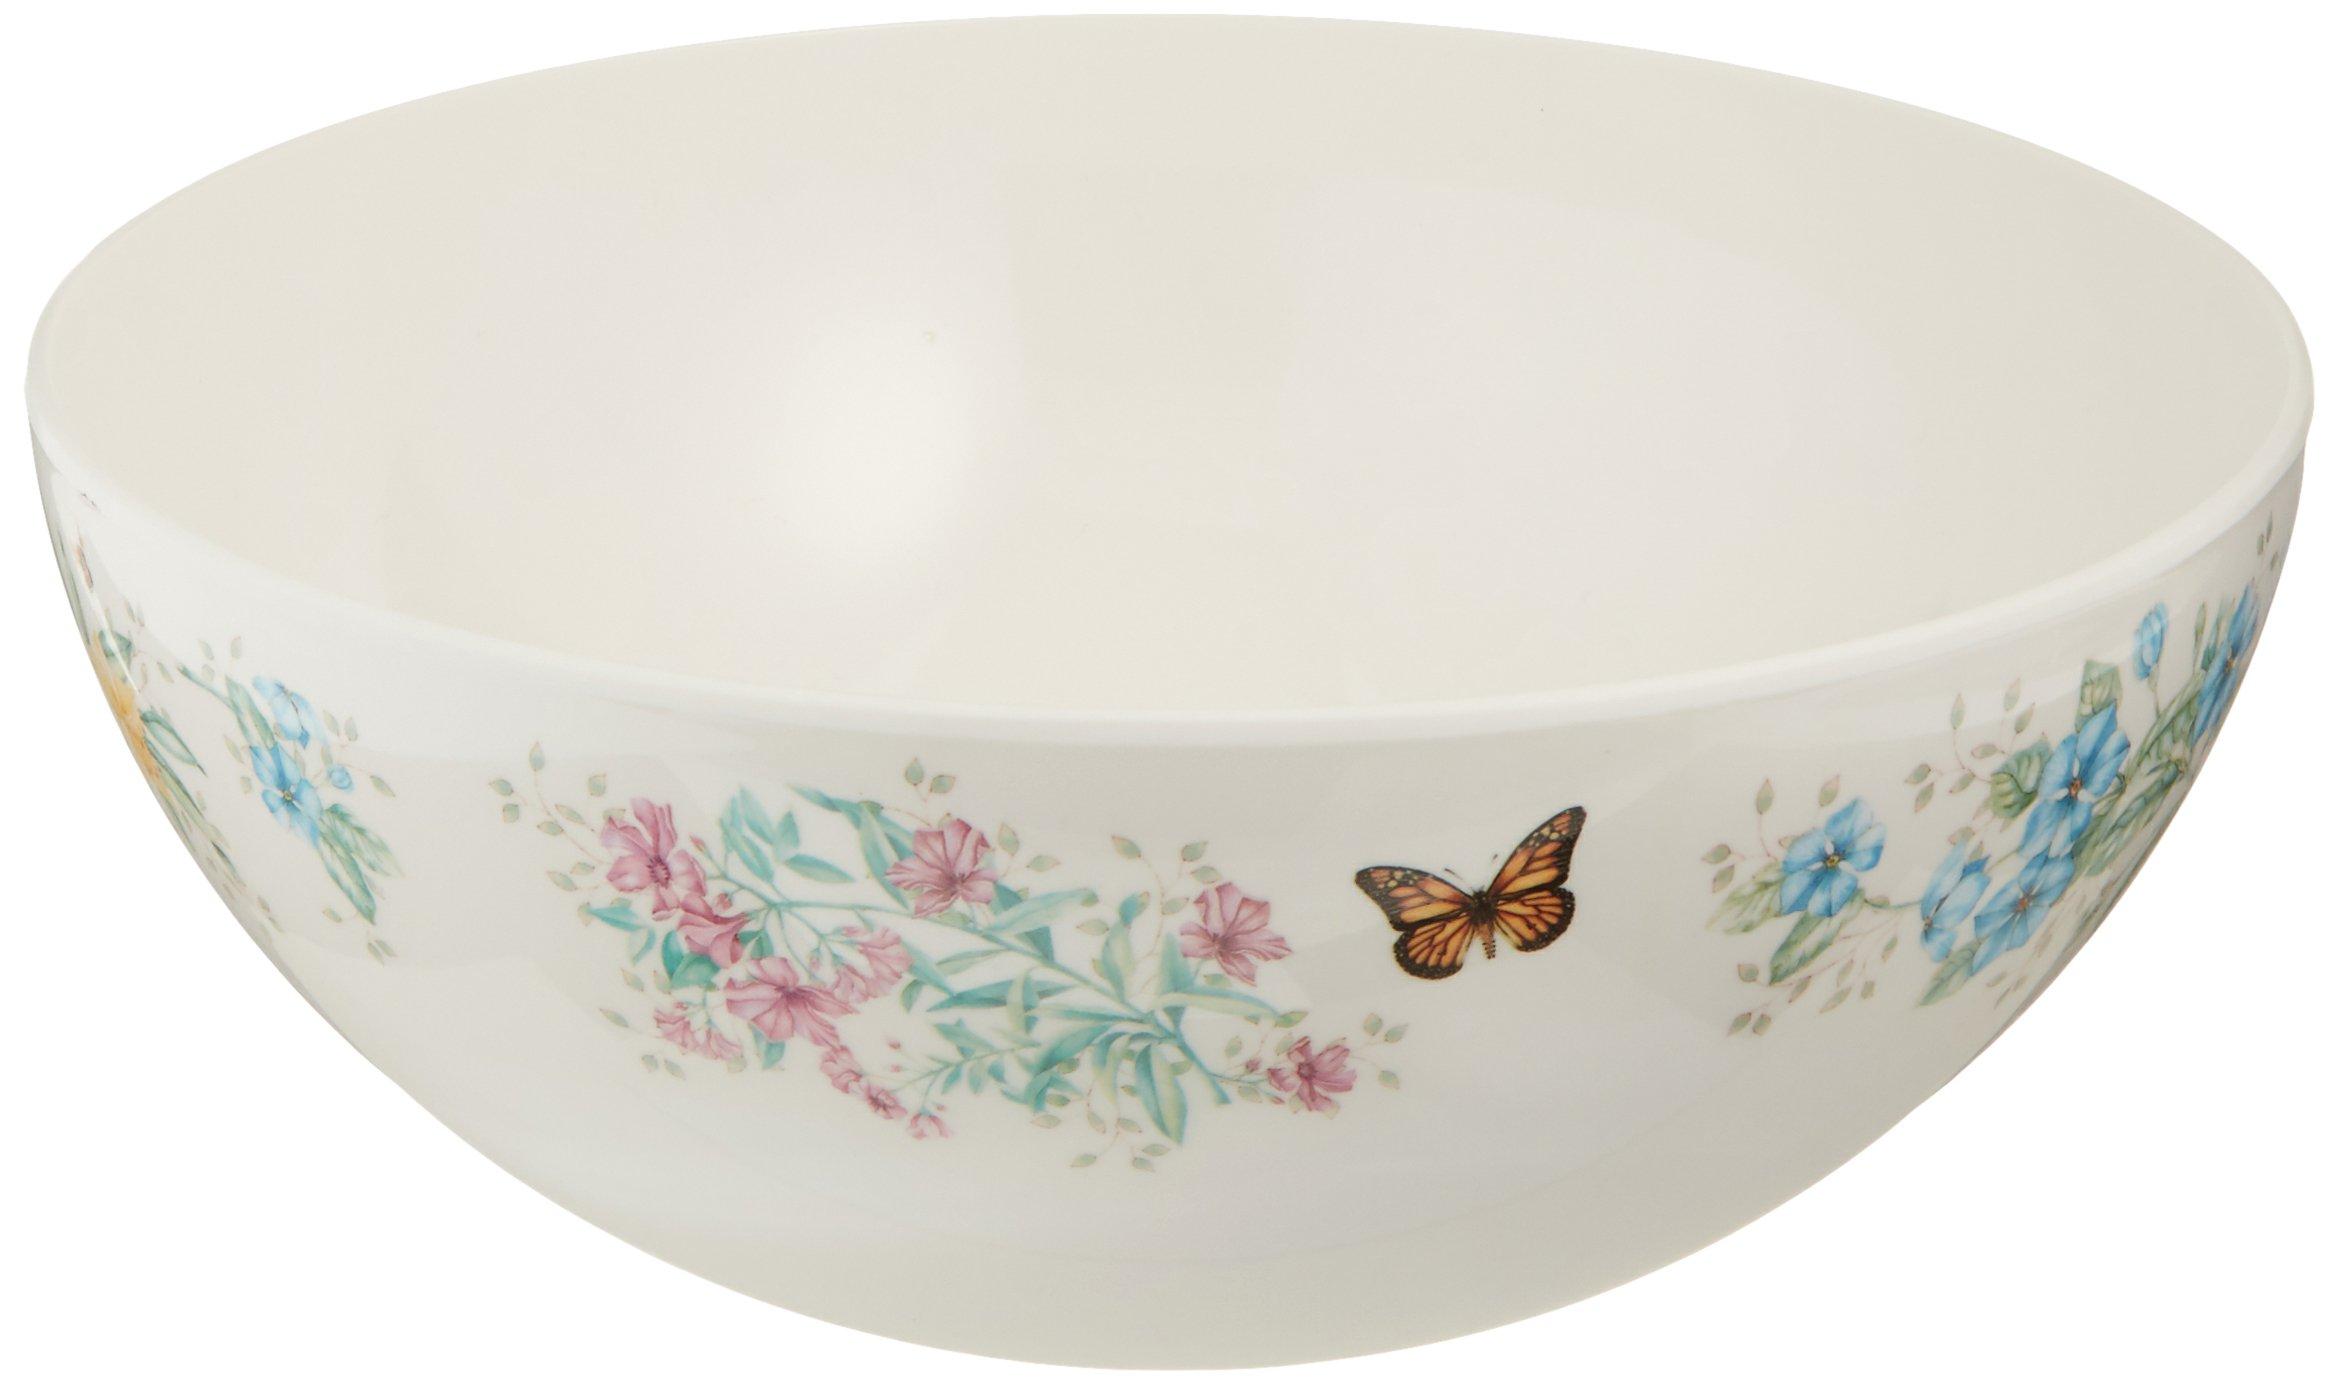 Lenox Butterfly Meadow Melamine Salad Bowl, 0.1 LB, Multi